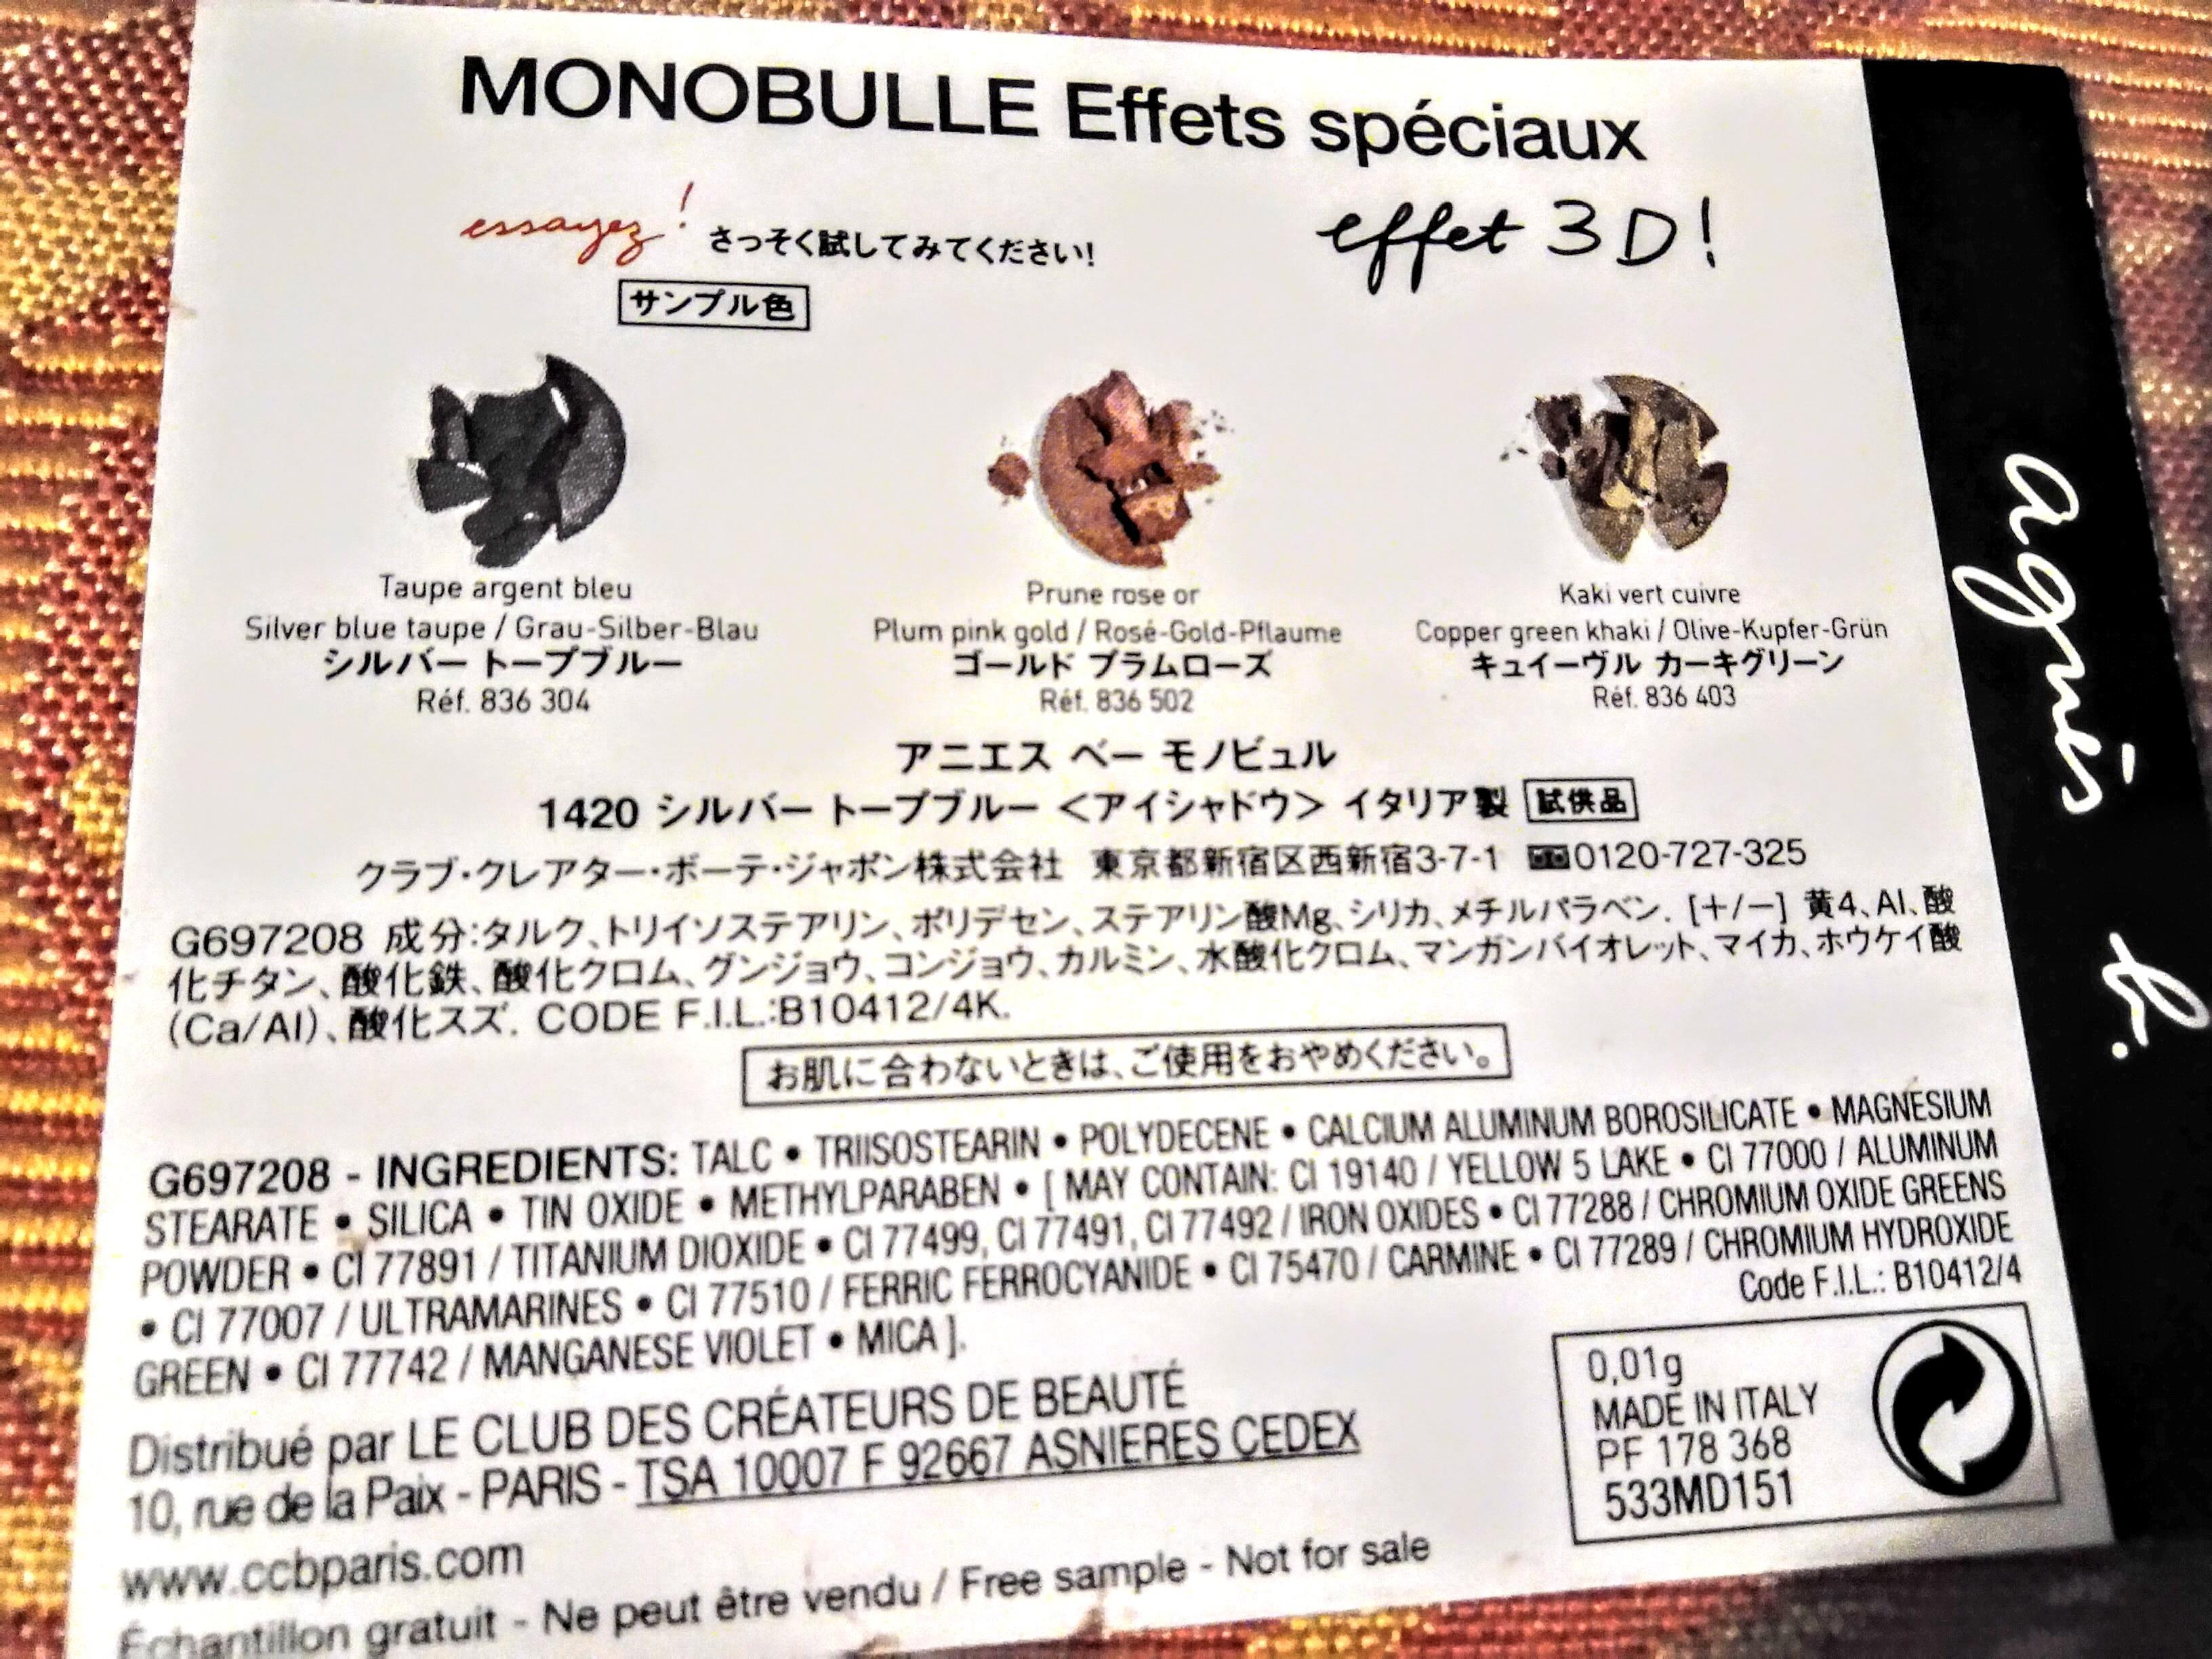 troc de troc réservée: monobulle agnès b. image 1